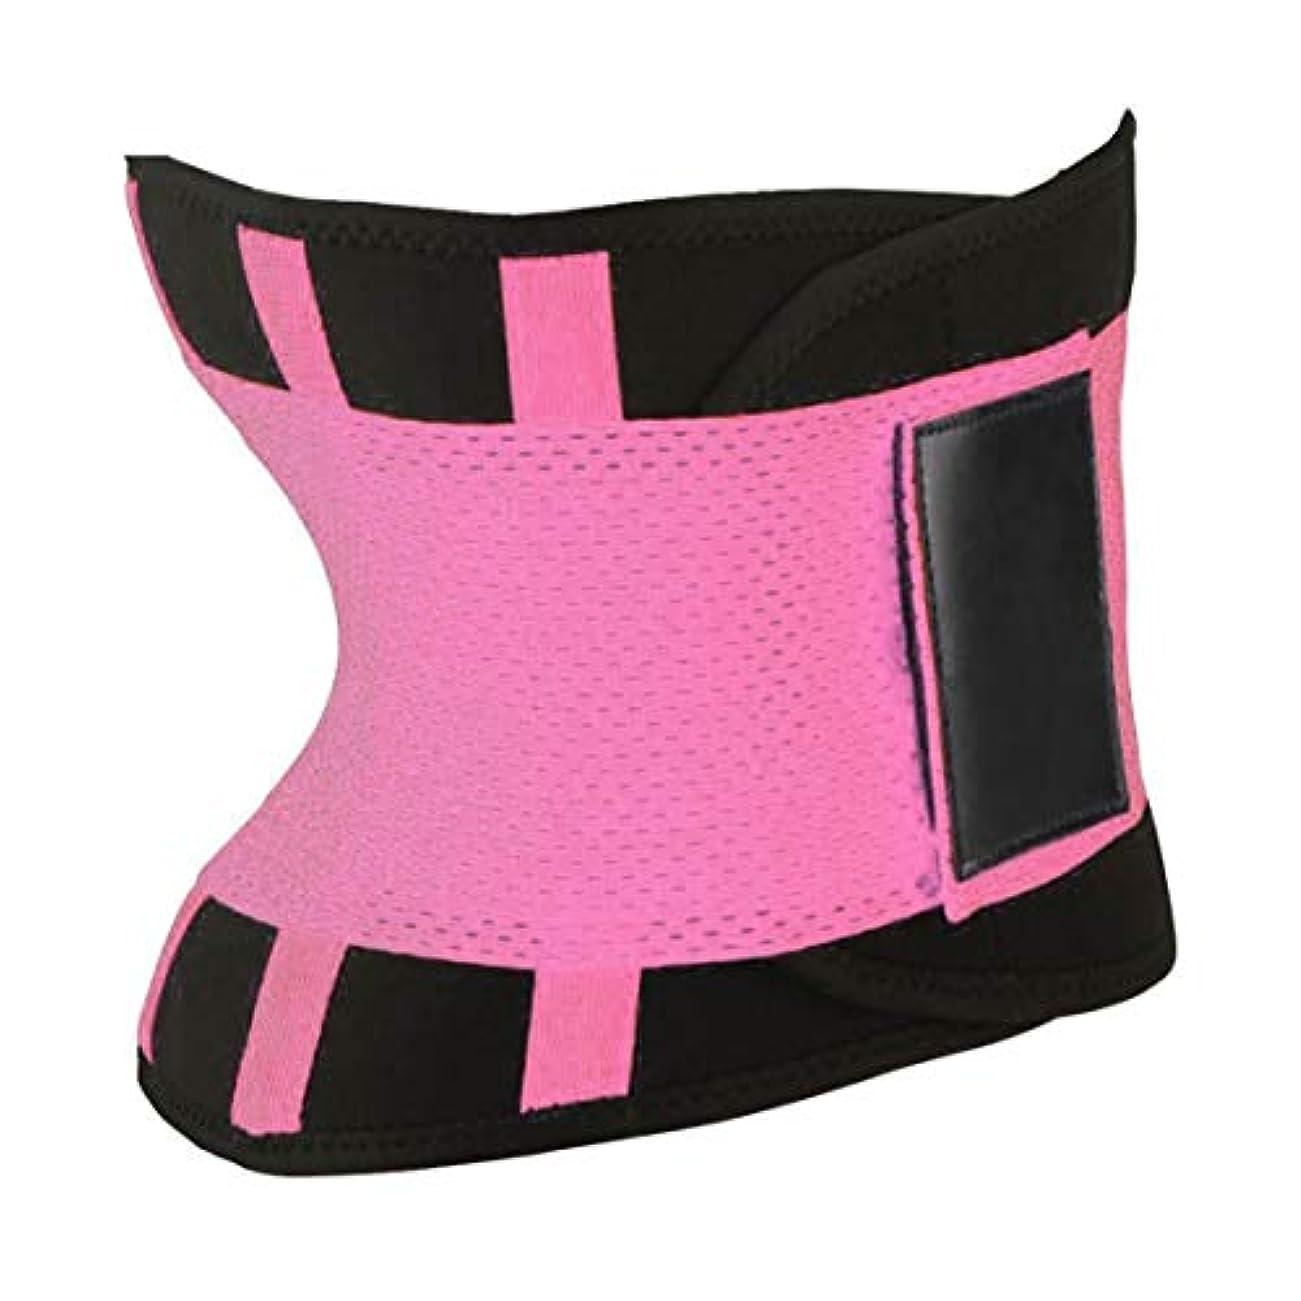 ビタミン最初安定した快適な女性ボディシェイパー痩身シェイパーベルトスポーツ女性ウエストトレーナーニッパー制御バーニングボディおなかベルト - ピンク2xl